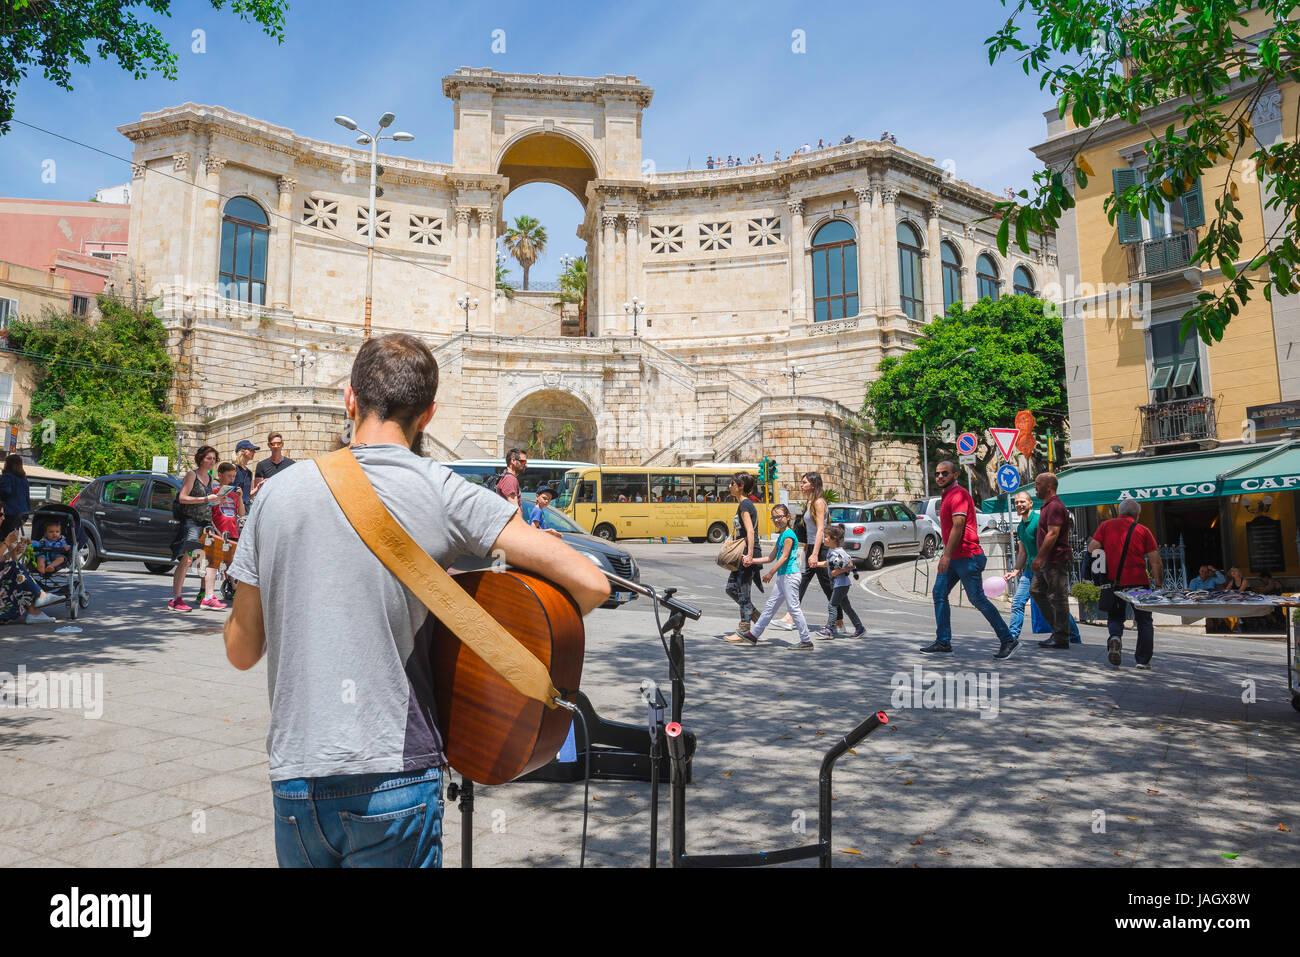 Cagliari Bastione di San Remy, un musicien divertit les passants près du Bastione di San Remy dans le Castello, Photo Stock